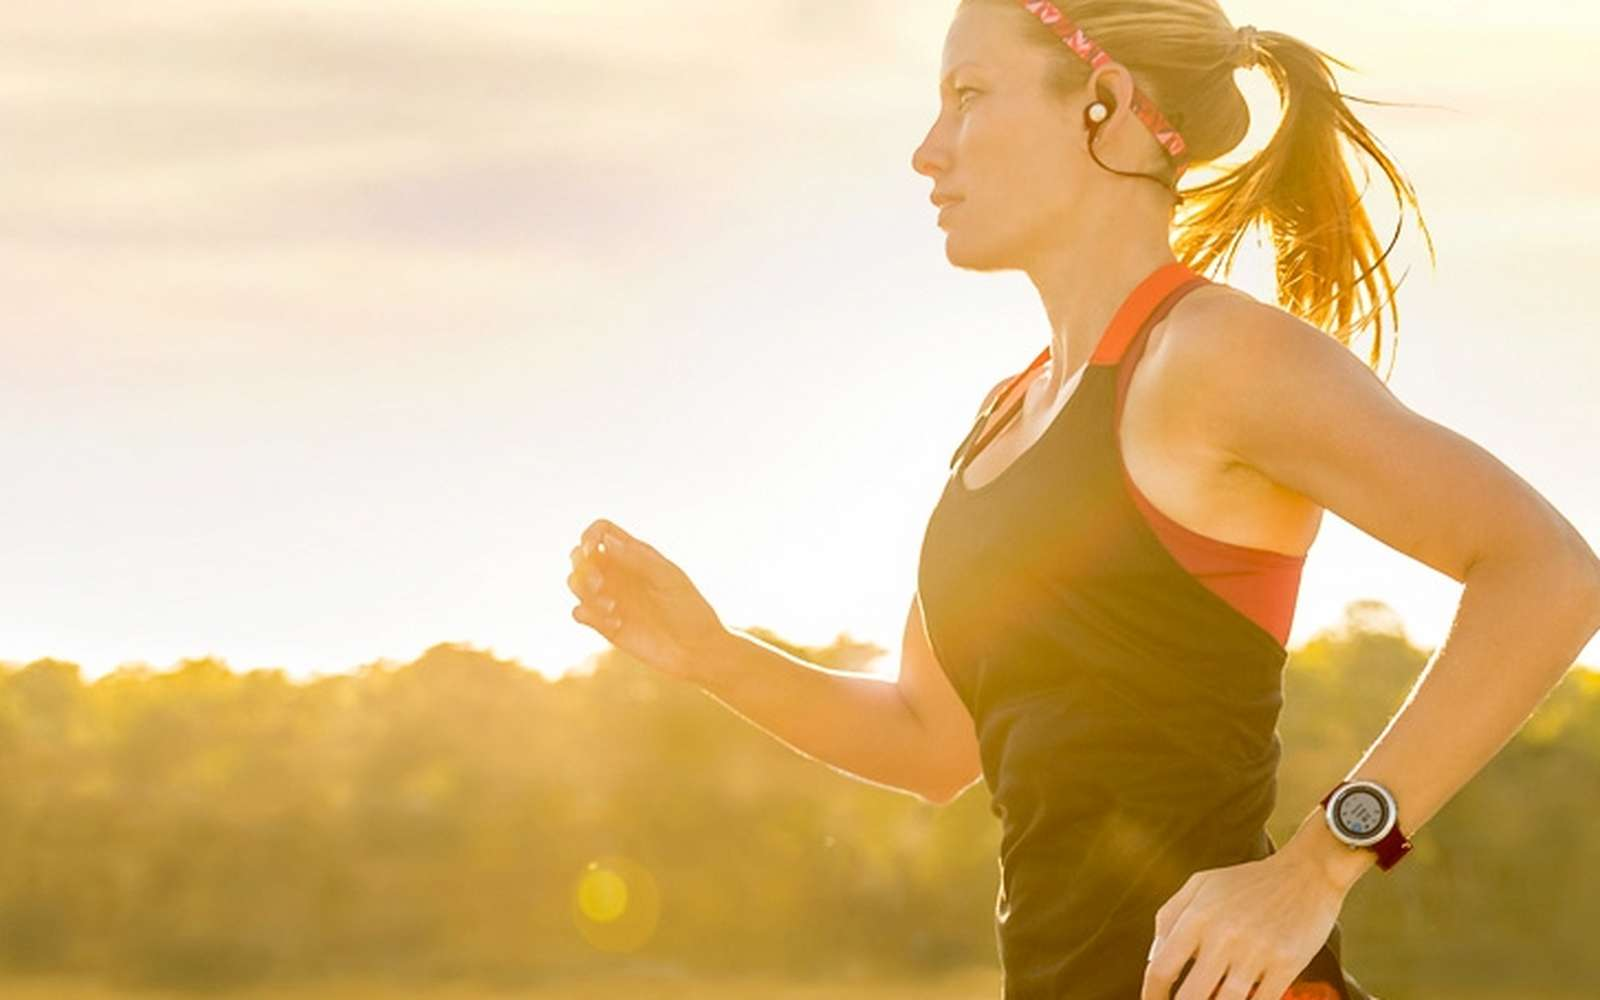 Toutes les montres connectées peuvent relever les activités physiques de la journée et la qualité du sommeil. Certaines vont plus loin que d'autres. © Garmin